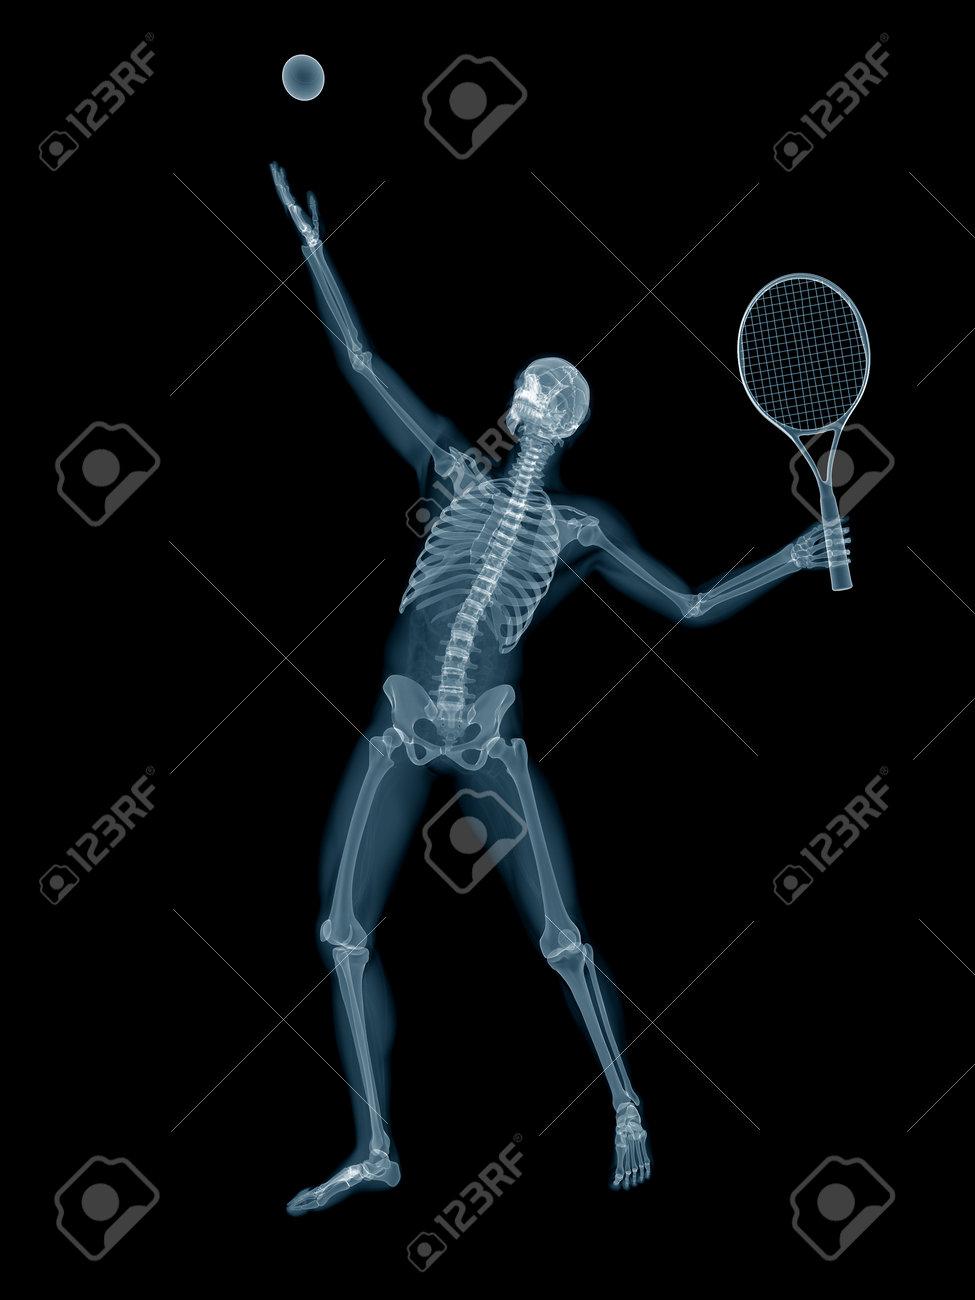 medicamente pentru tenis